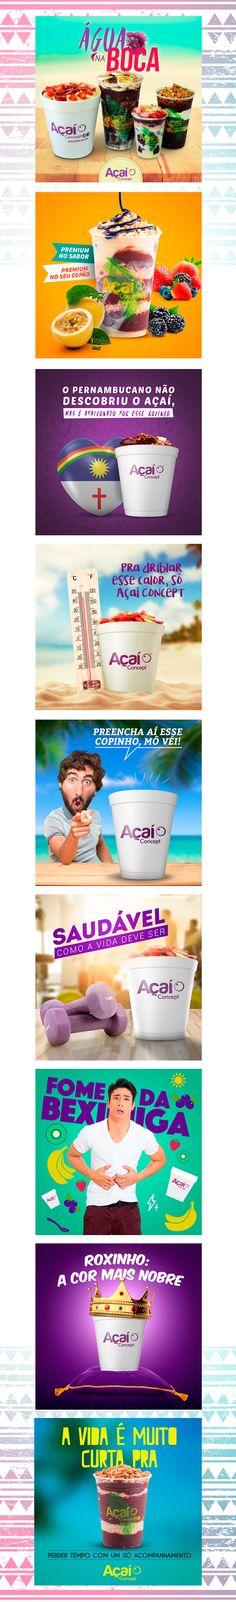 Imagens desenvolvidas para promover a empresa Açaí concept no facebook e instagram Social Media Poster, Social Media Banner, Social Media Design, Food Banner, Web Banner, Juice Plus, Acai Concept, Brainstorm, Facebook E Instagram